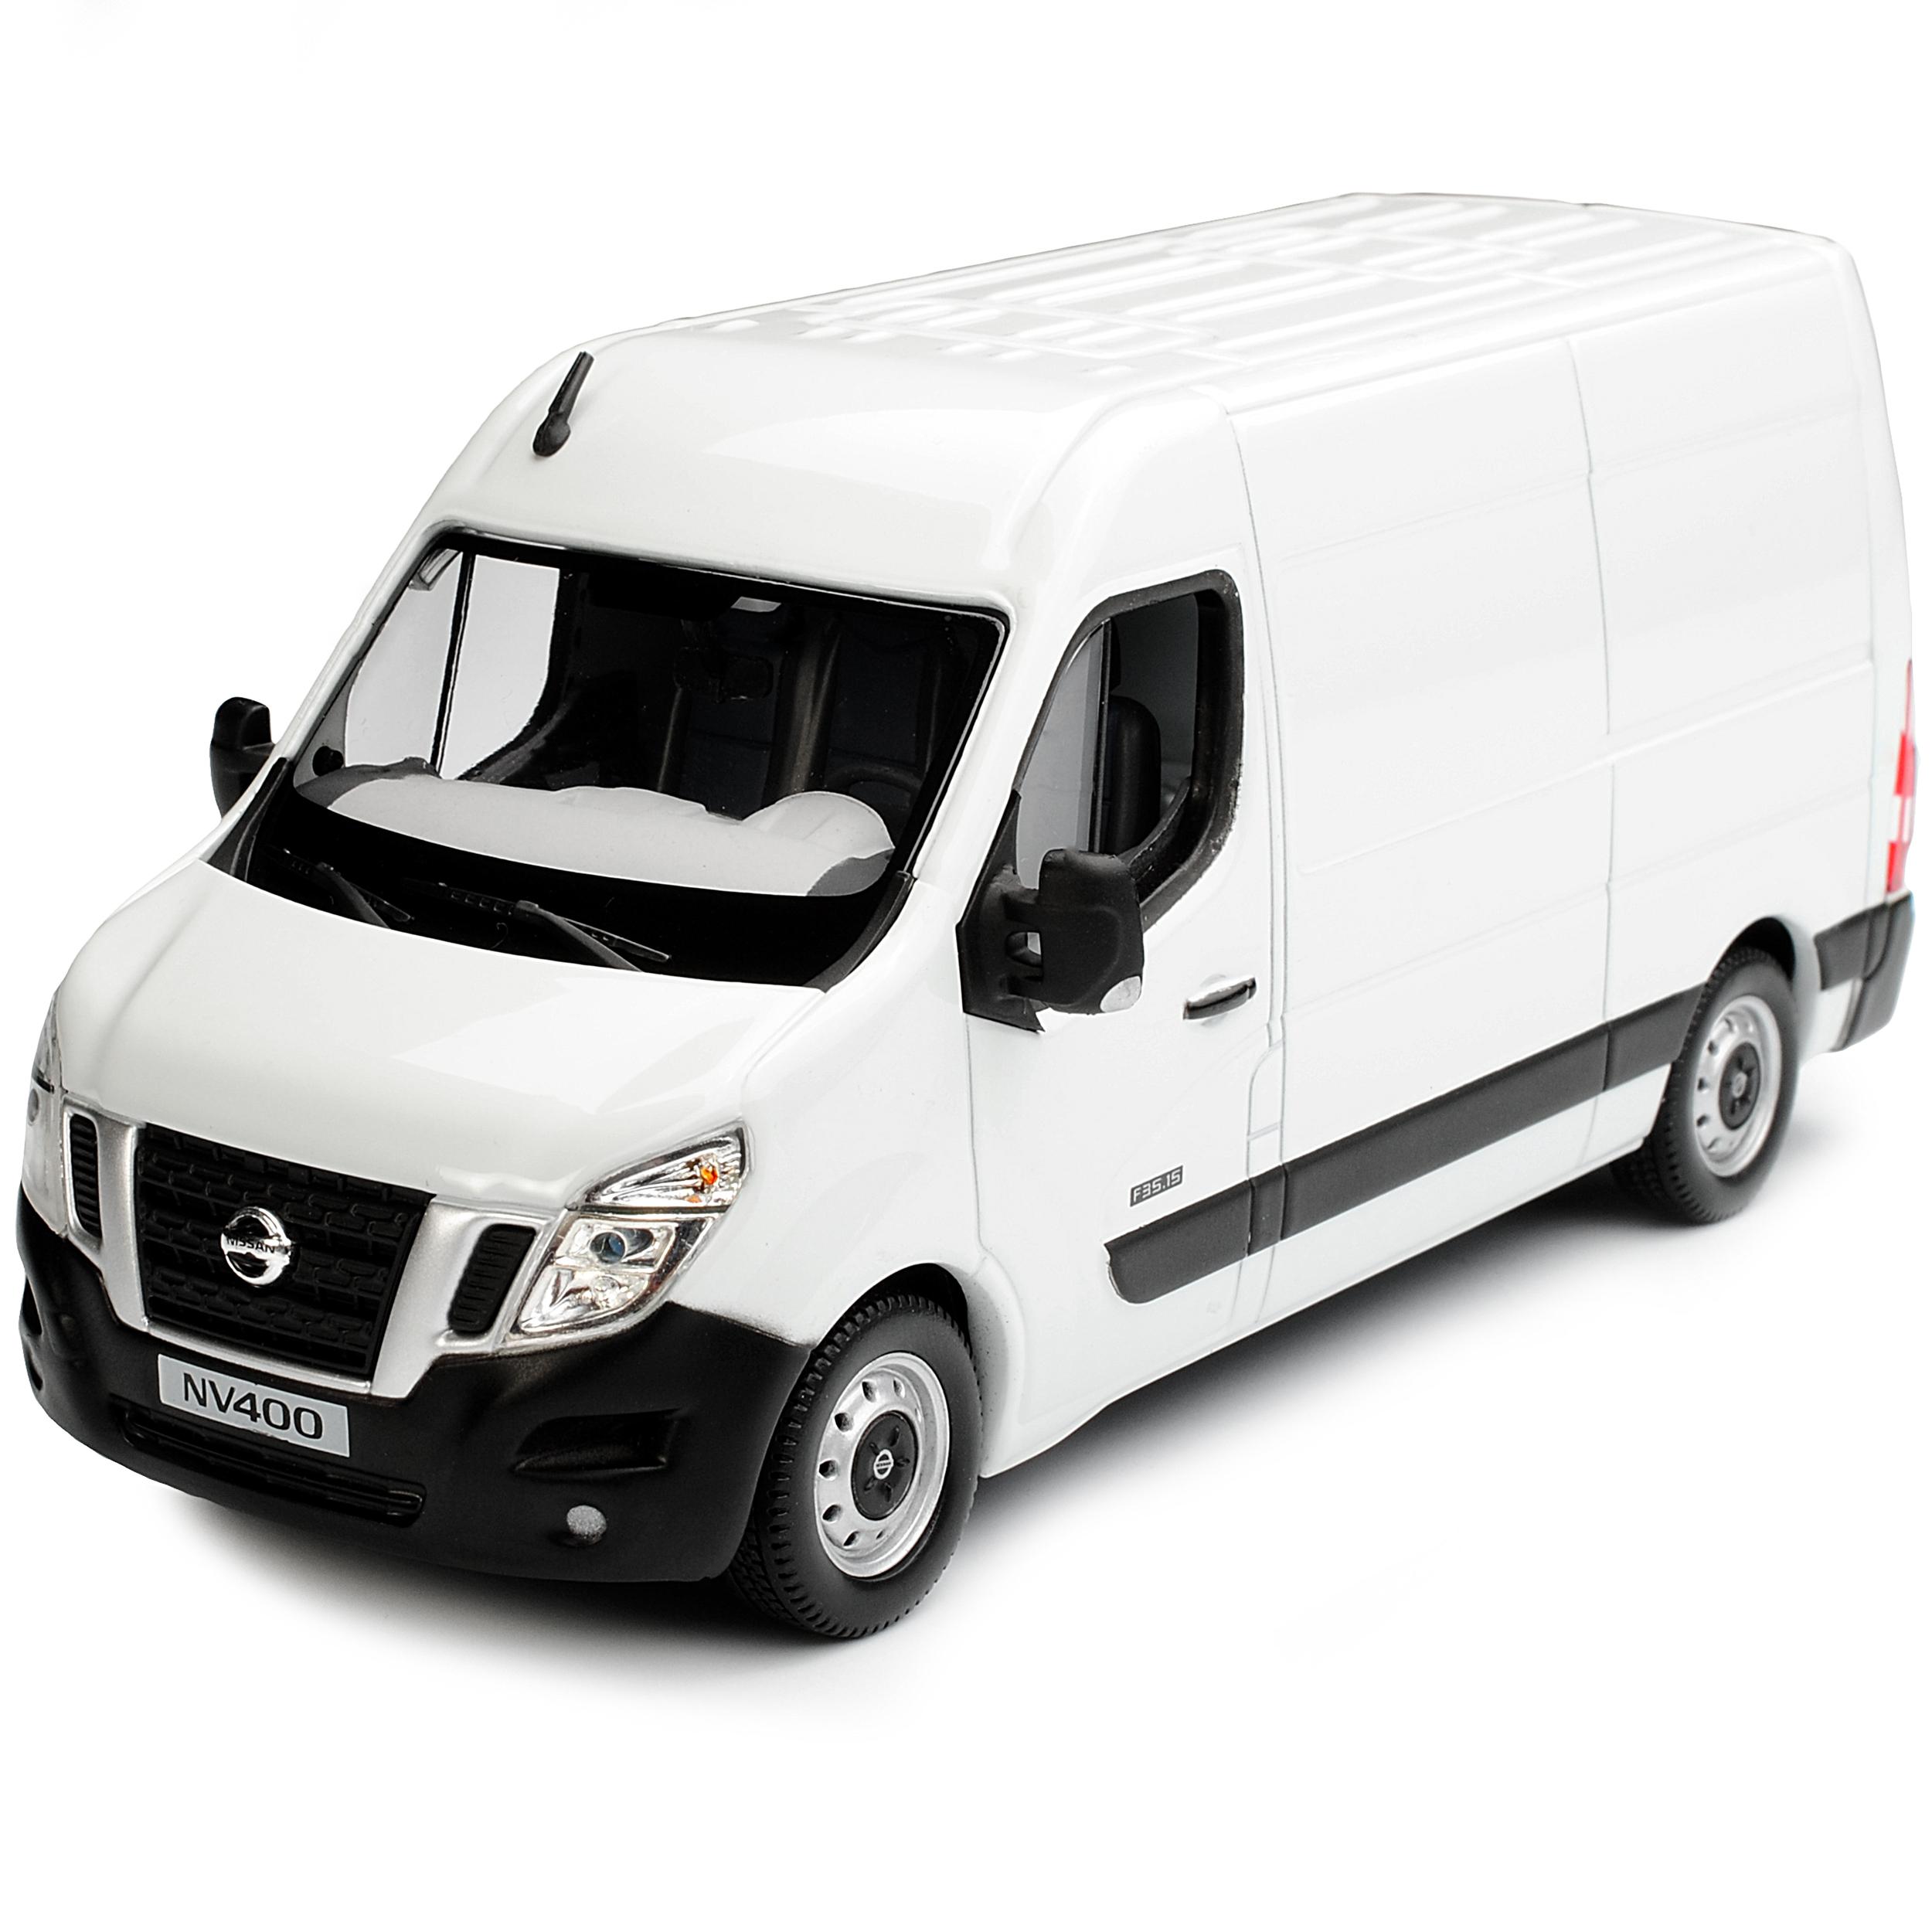 NISSAN nv400 TRANSPORTER riquadro bianco a partire dal 2010 1//43 NOREV modello auto o con...